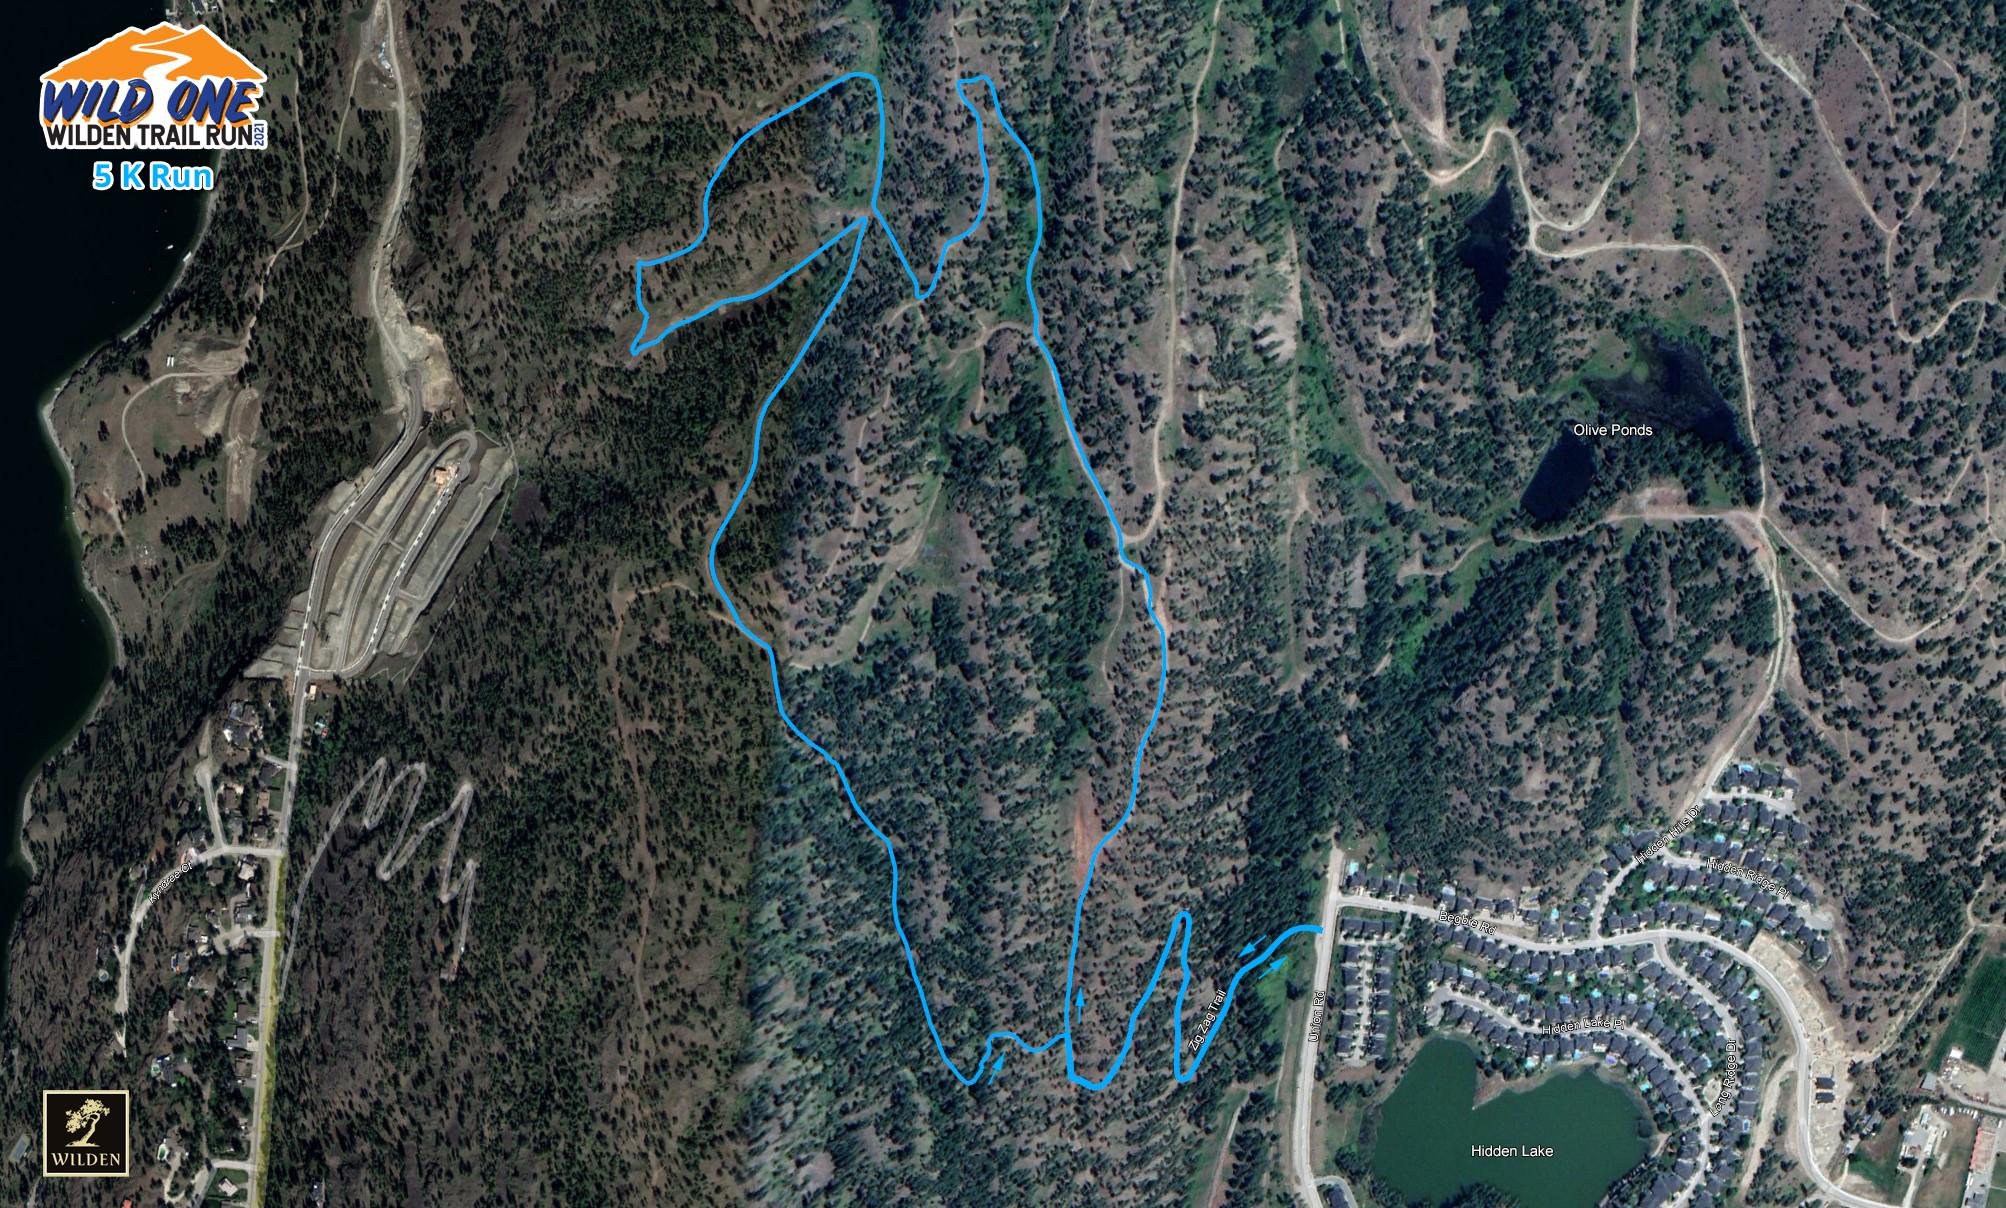 5K Wild One Run Route screenshot image